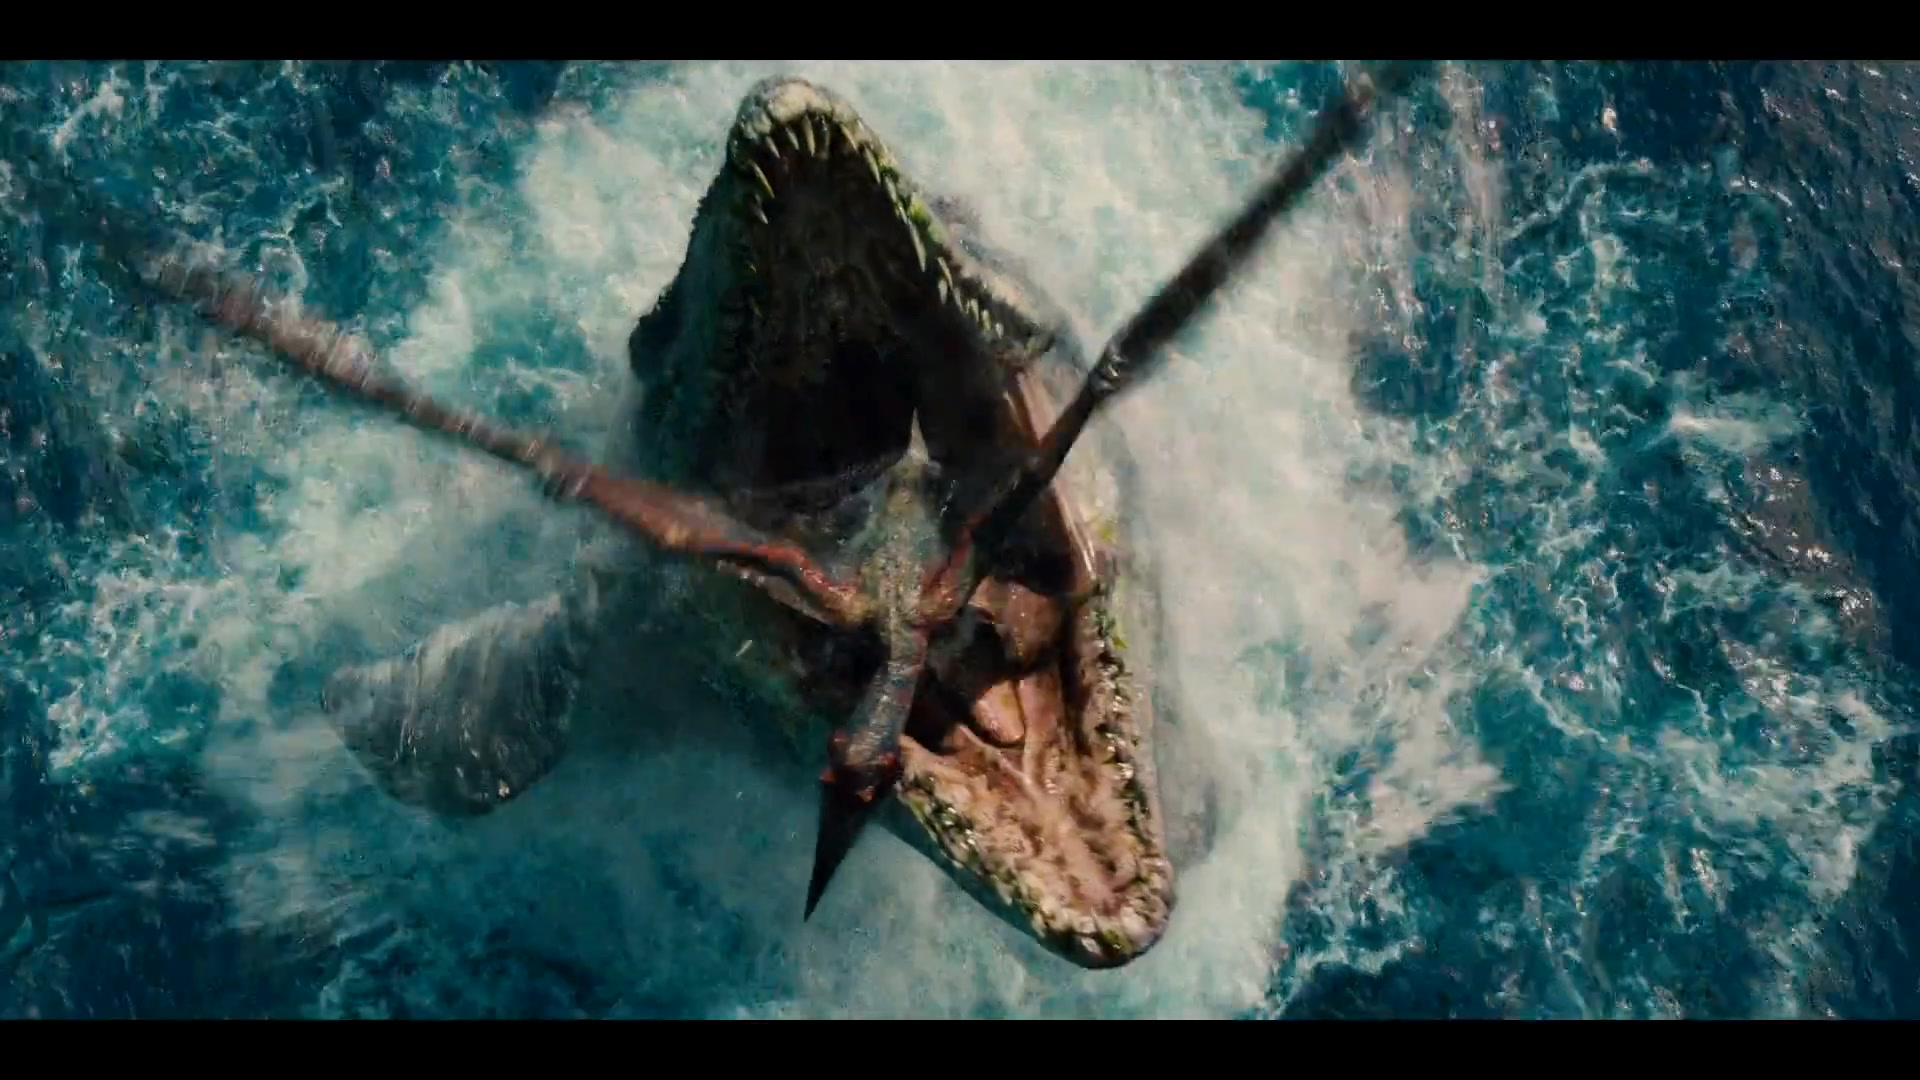 恐龙智商高吗 恐龙智商是多少 最大的恐龙 什么动物进化成高清图片